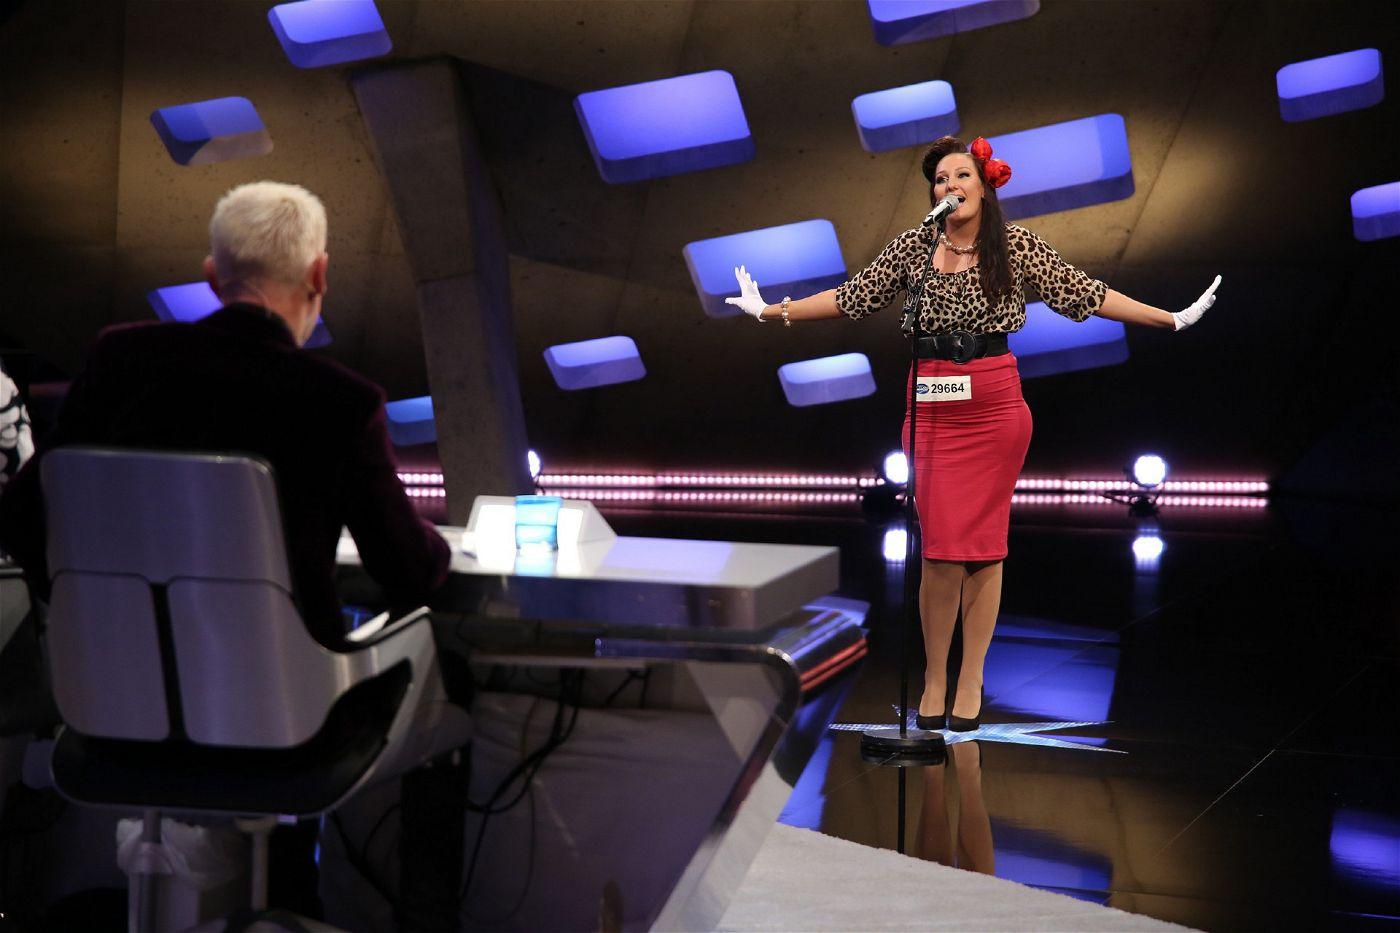 Die Jury staunt nicht schlecht als die attraktive Brünette in ihrem Swing-Pin-Up-Style vor sie tritt.